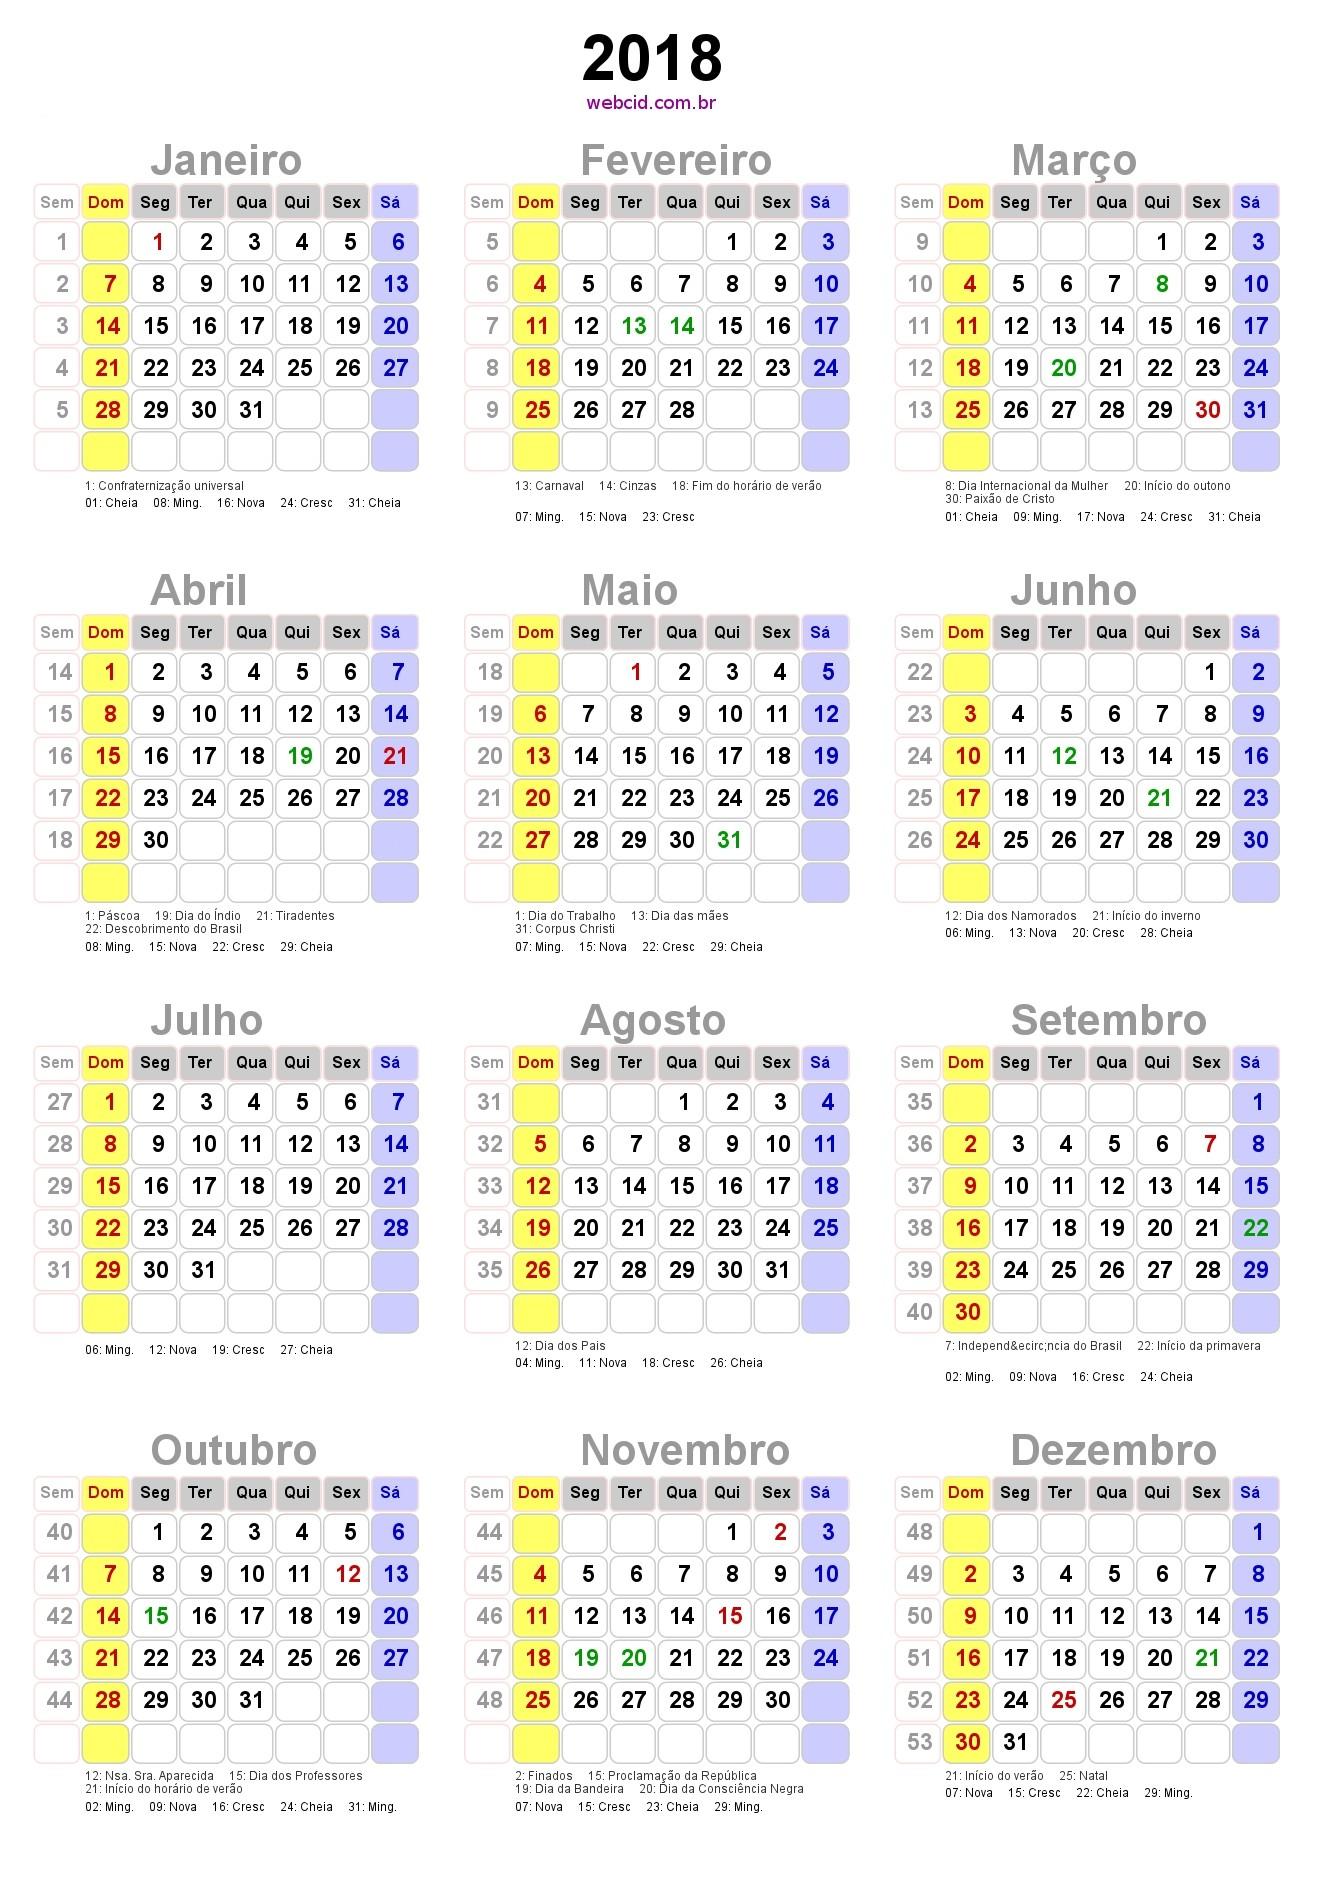 Calendario Anual 2019 Pdf Más Actual Edi Suparman – Page 52 – Template Calendar Design Of Calendario Anual 2019 Pdf Más Caliente Boe Documento Boe A 2018 9268